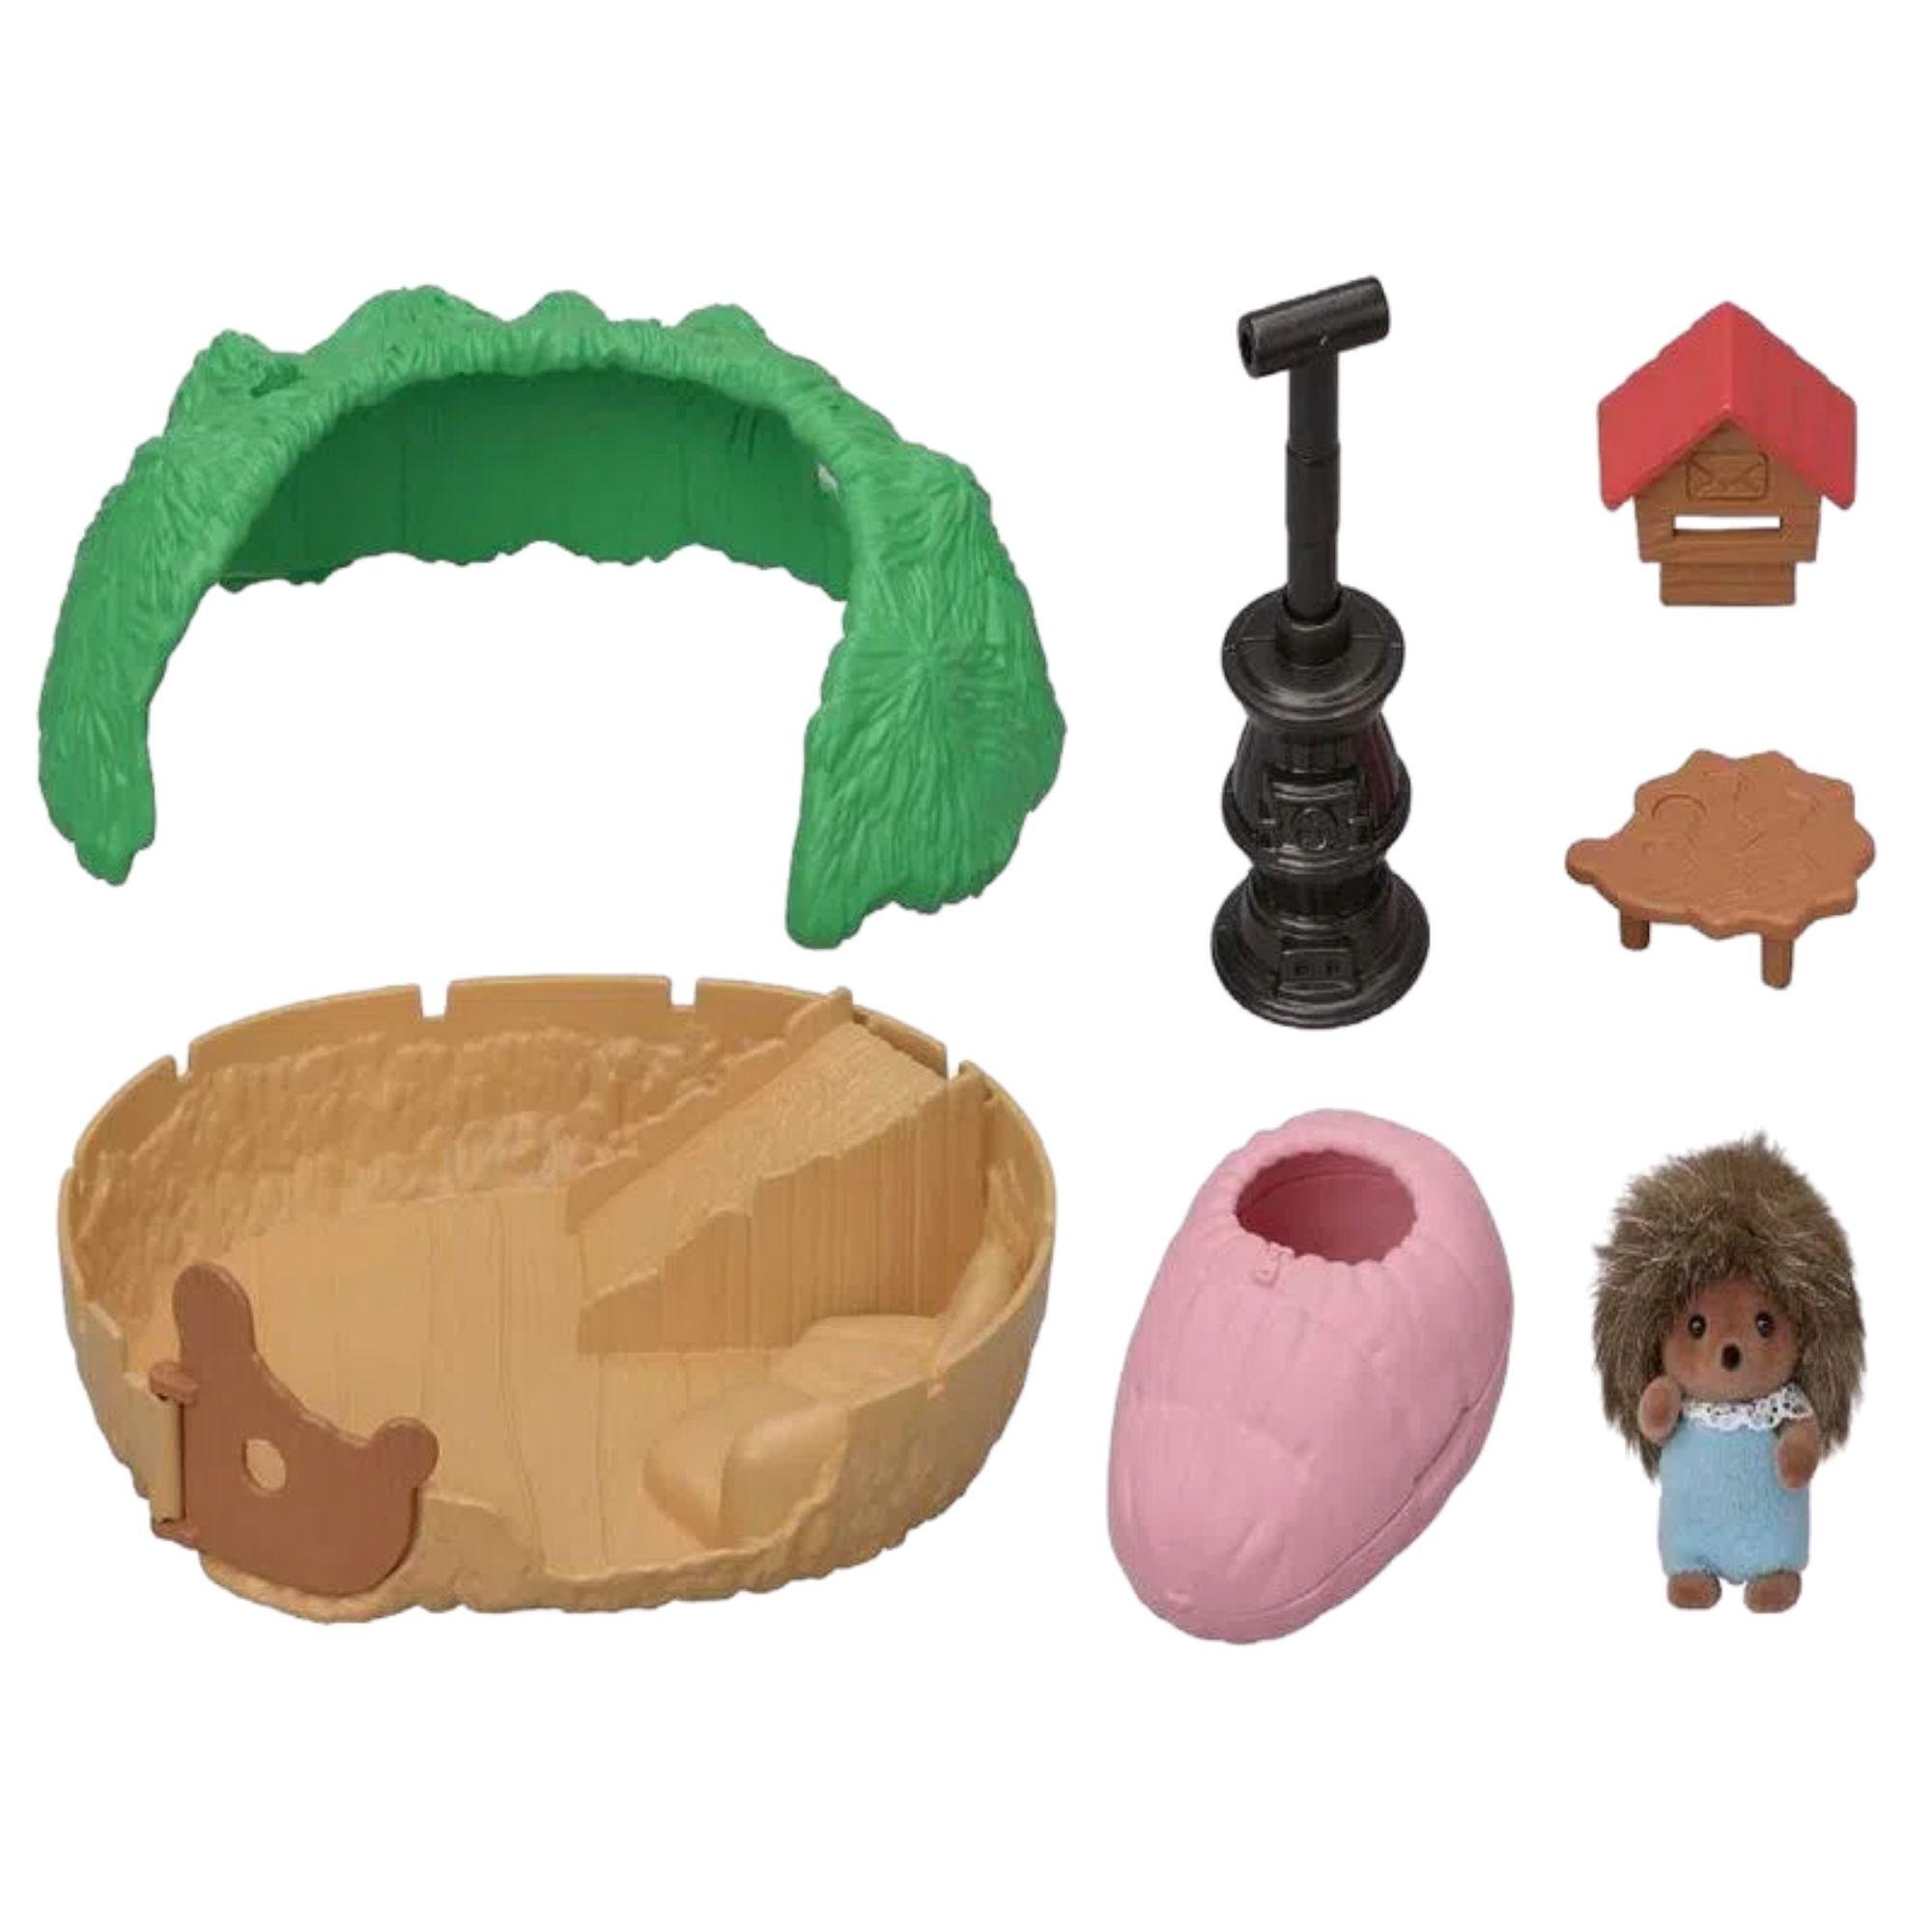 Sylvanian Families Esconderijo do bebê porco-espinho Epoch 5453  - Game Land Brinquedos